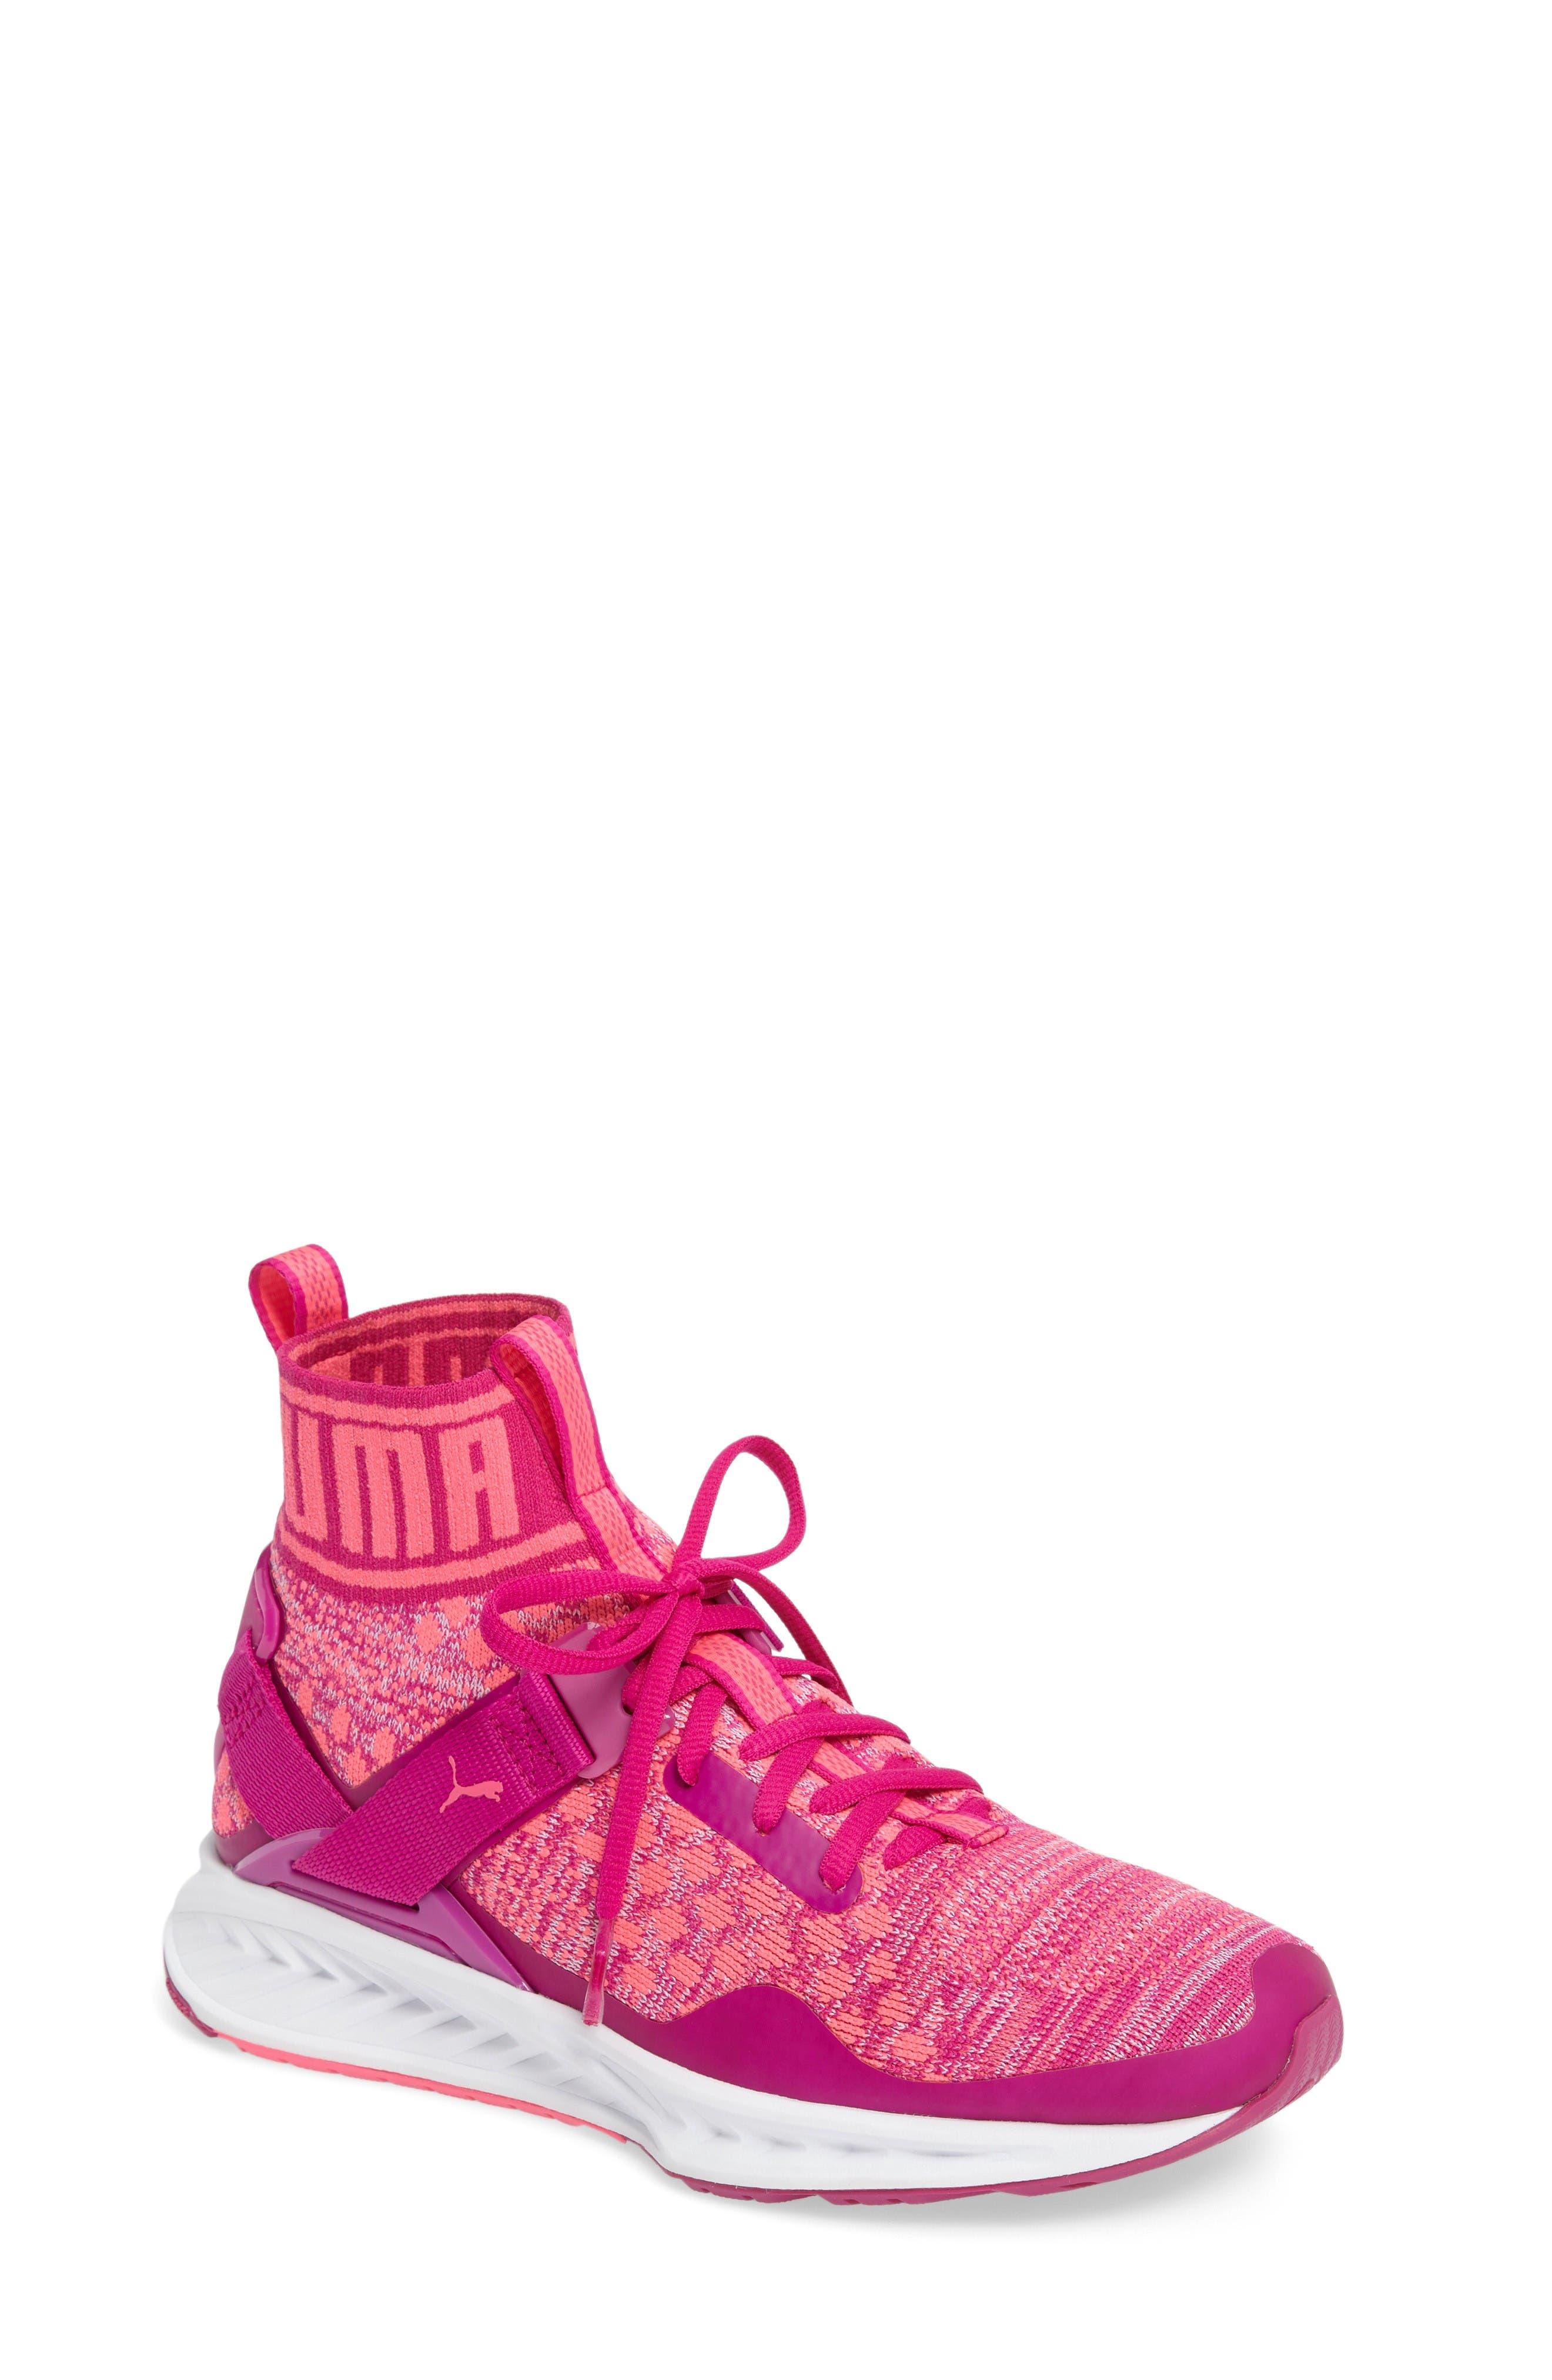 PUMA Ignite Evoknit Sneaker (Big Kid)